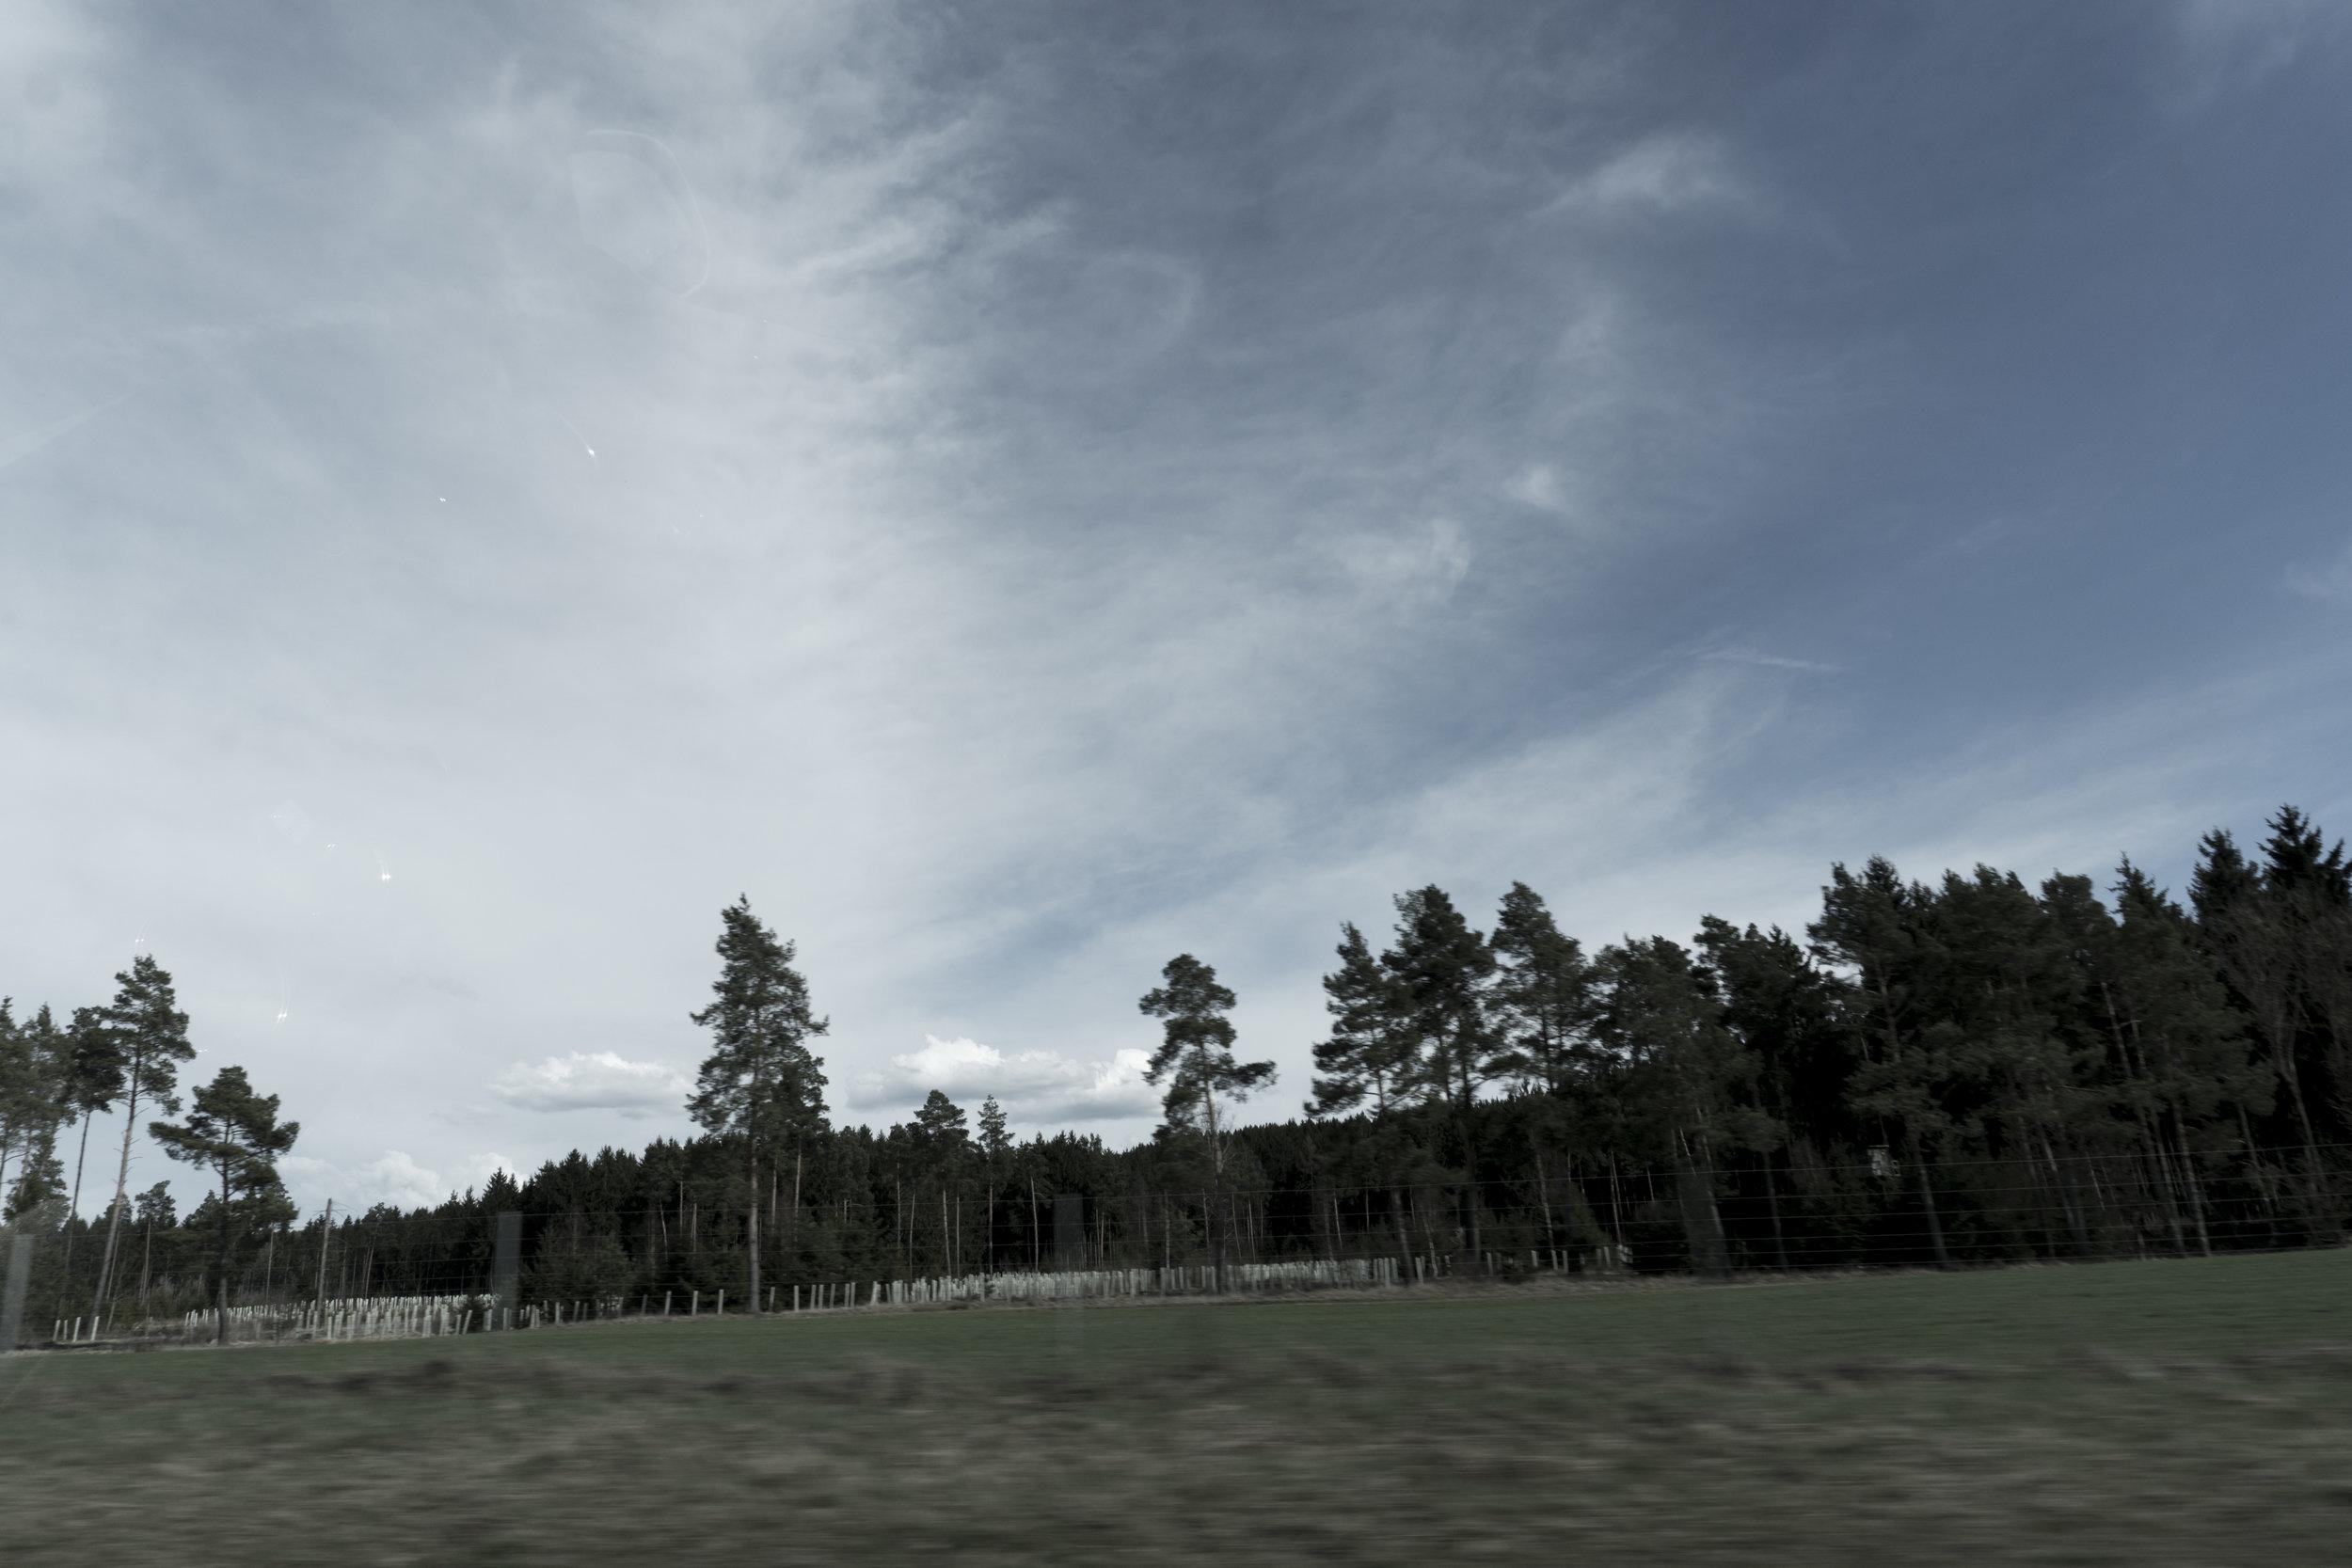 Lorsque les arbres se font présence - les contes de notre enfance prennent vie...